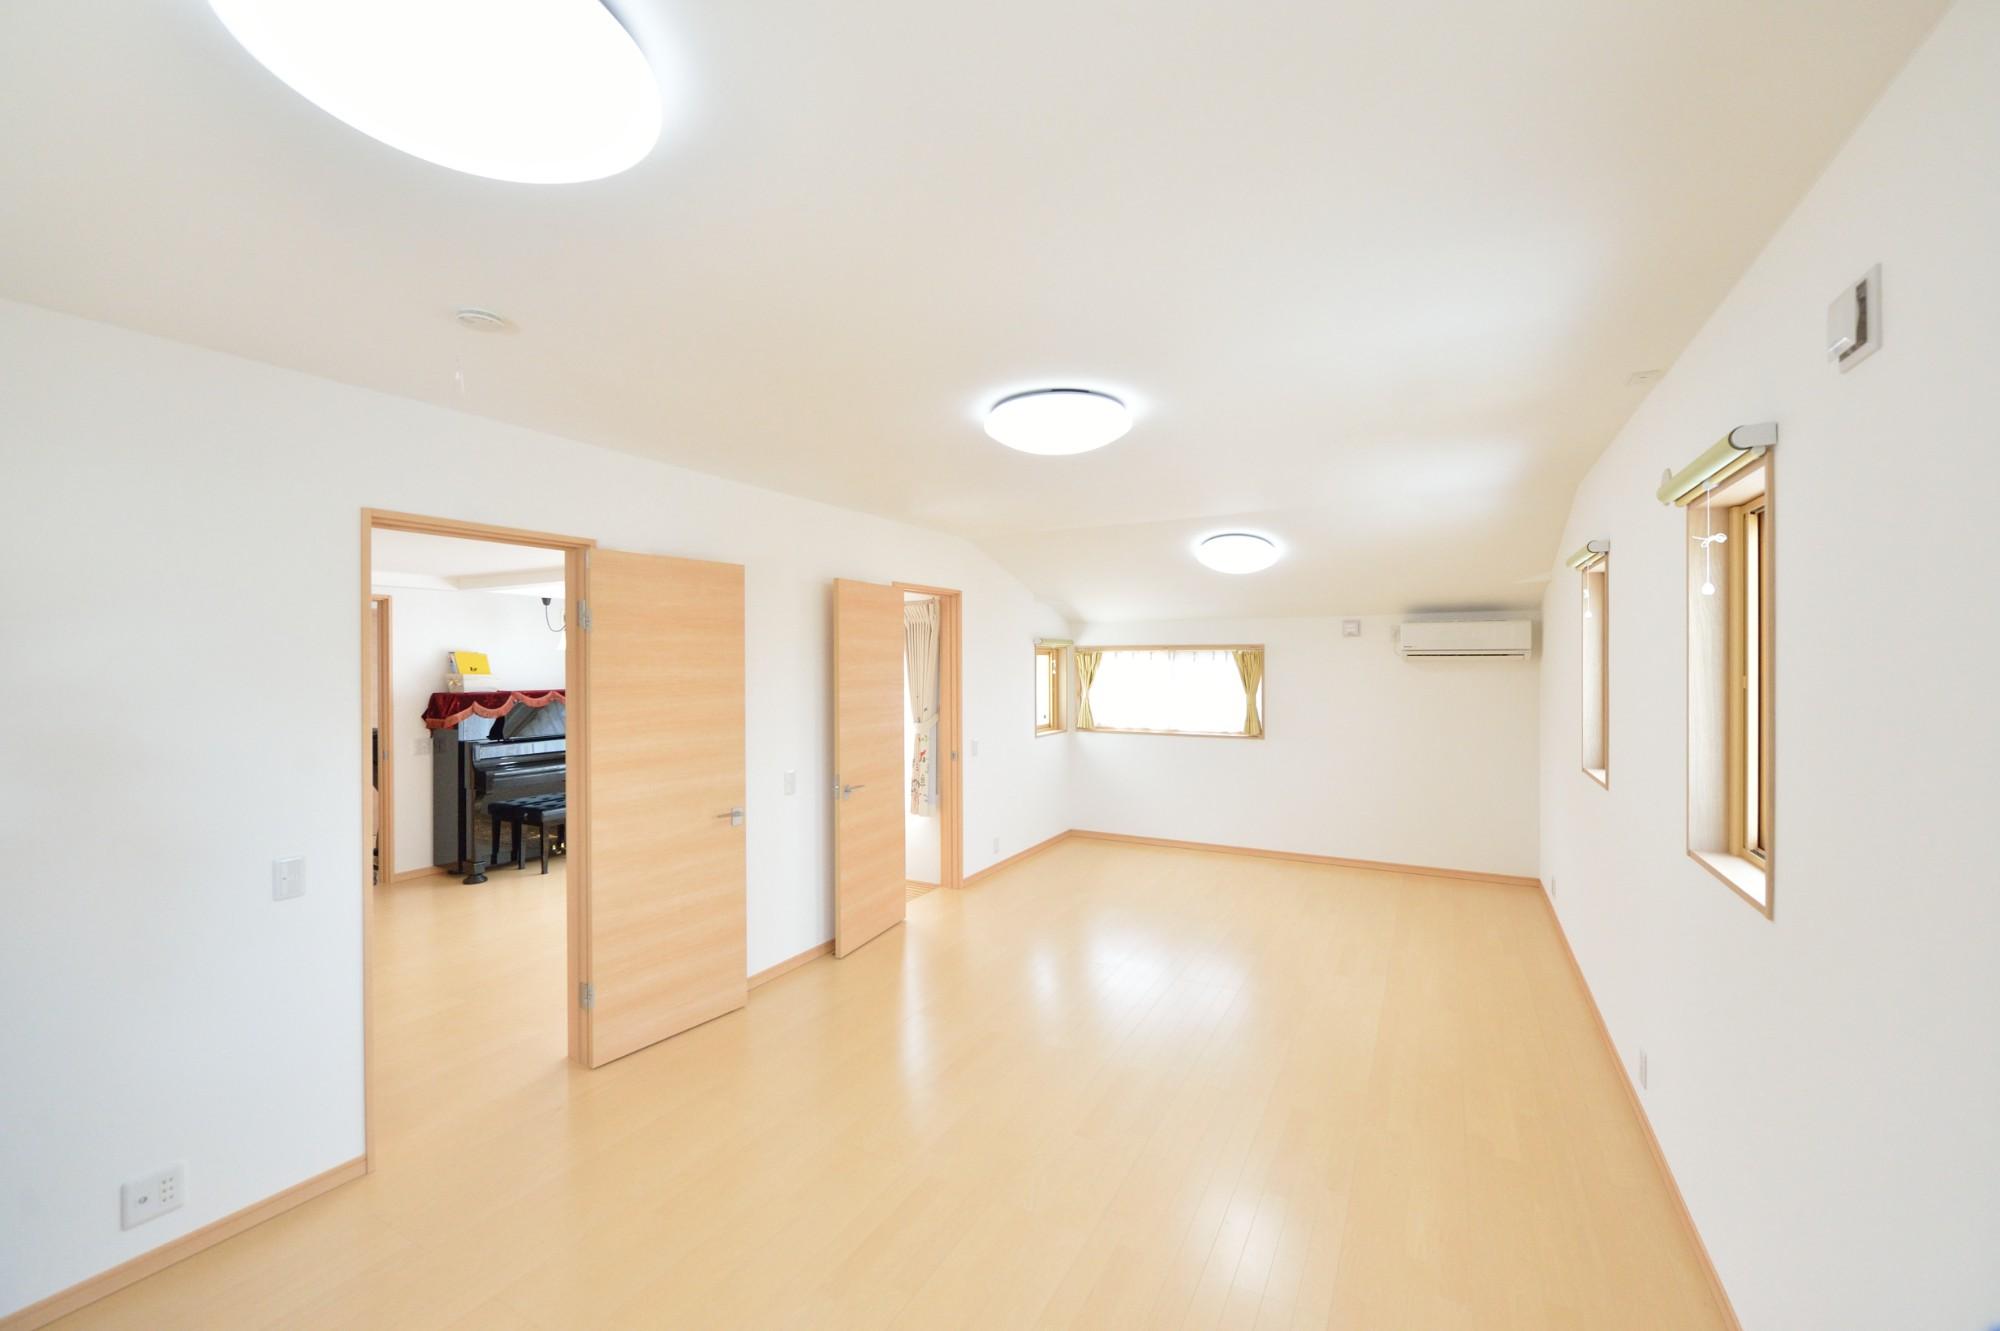 家'Sハセガワ株式会社「好きに囲まれた家」のシンプル・ナチュラルな居室の実例写真